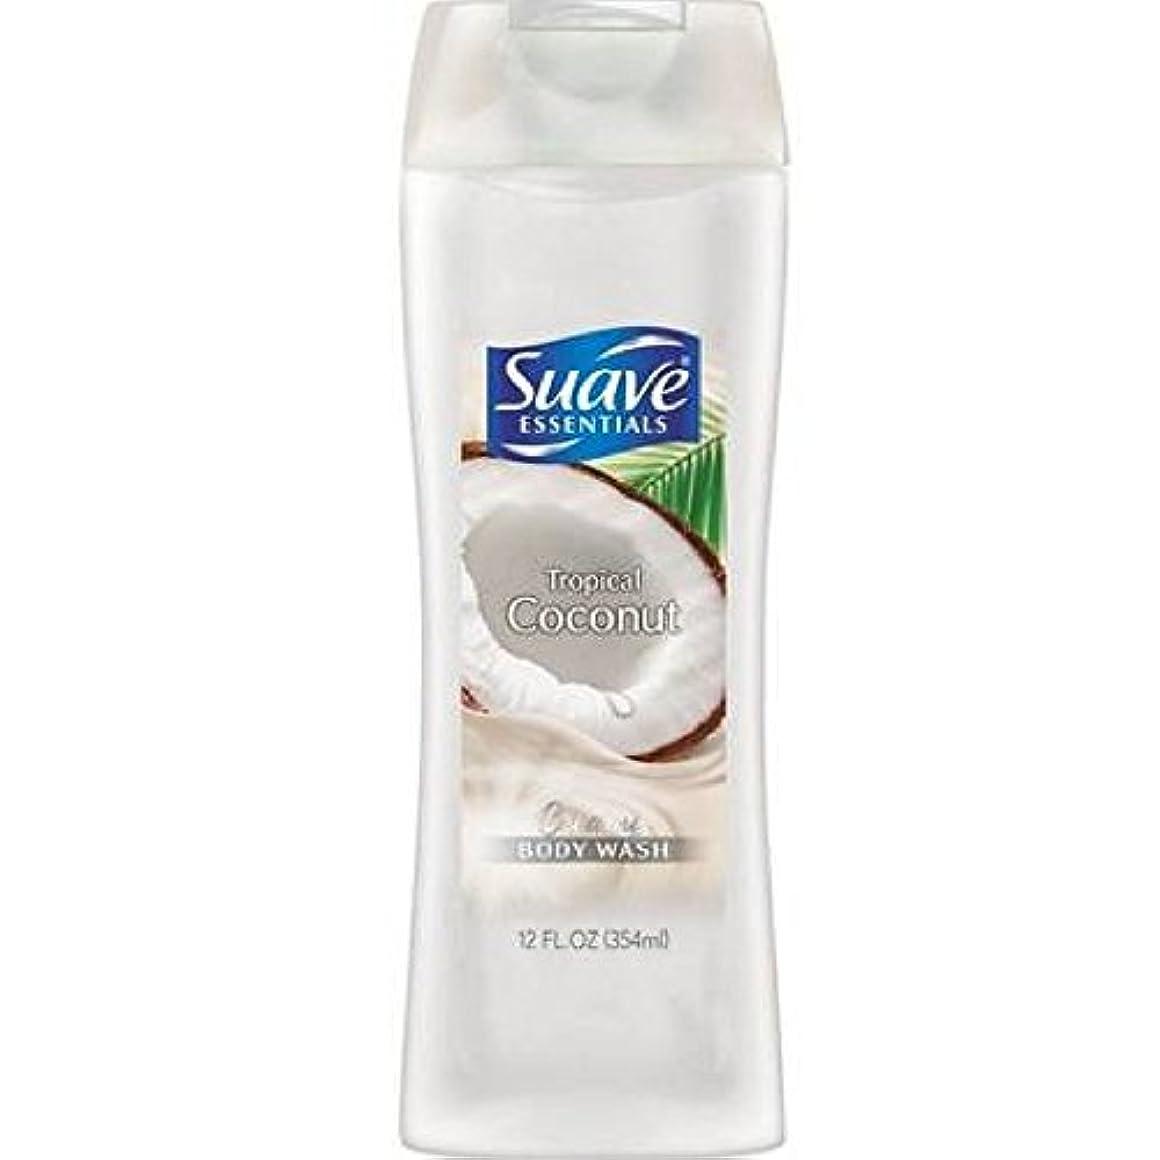 海トーナメントマイコンSuave Naturals Body Wash - Tropical Coconut - 12 oz - 2 pk by Suave [並行輸入品]